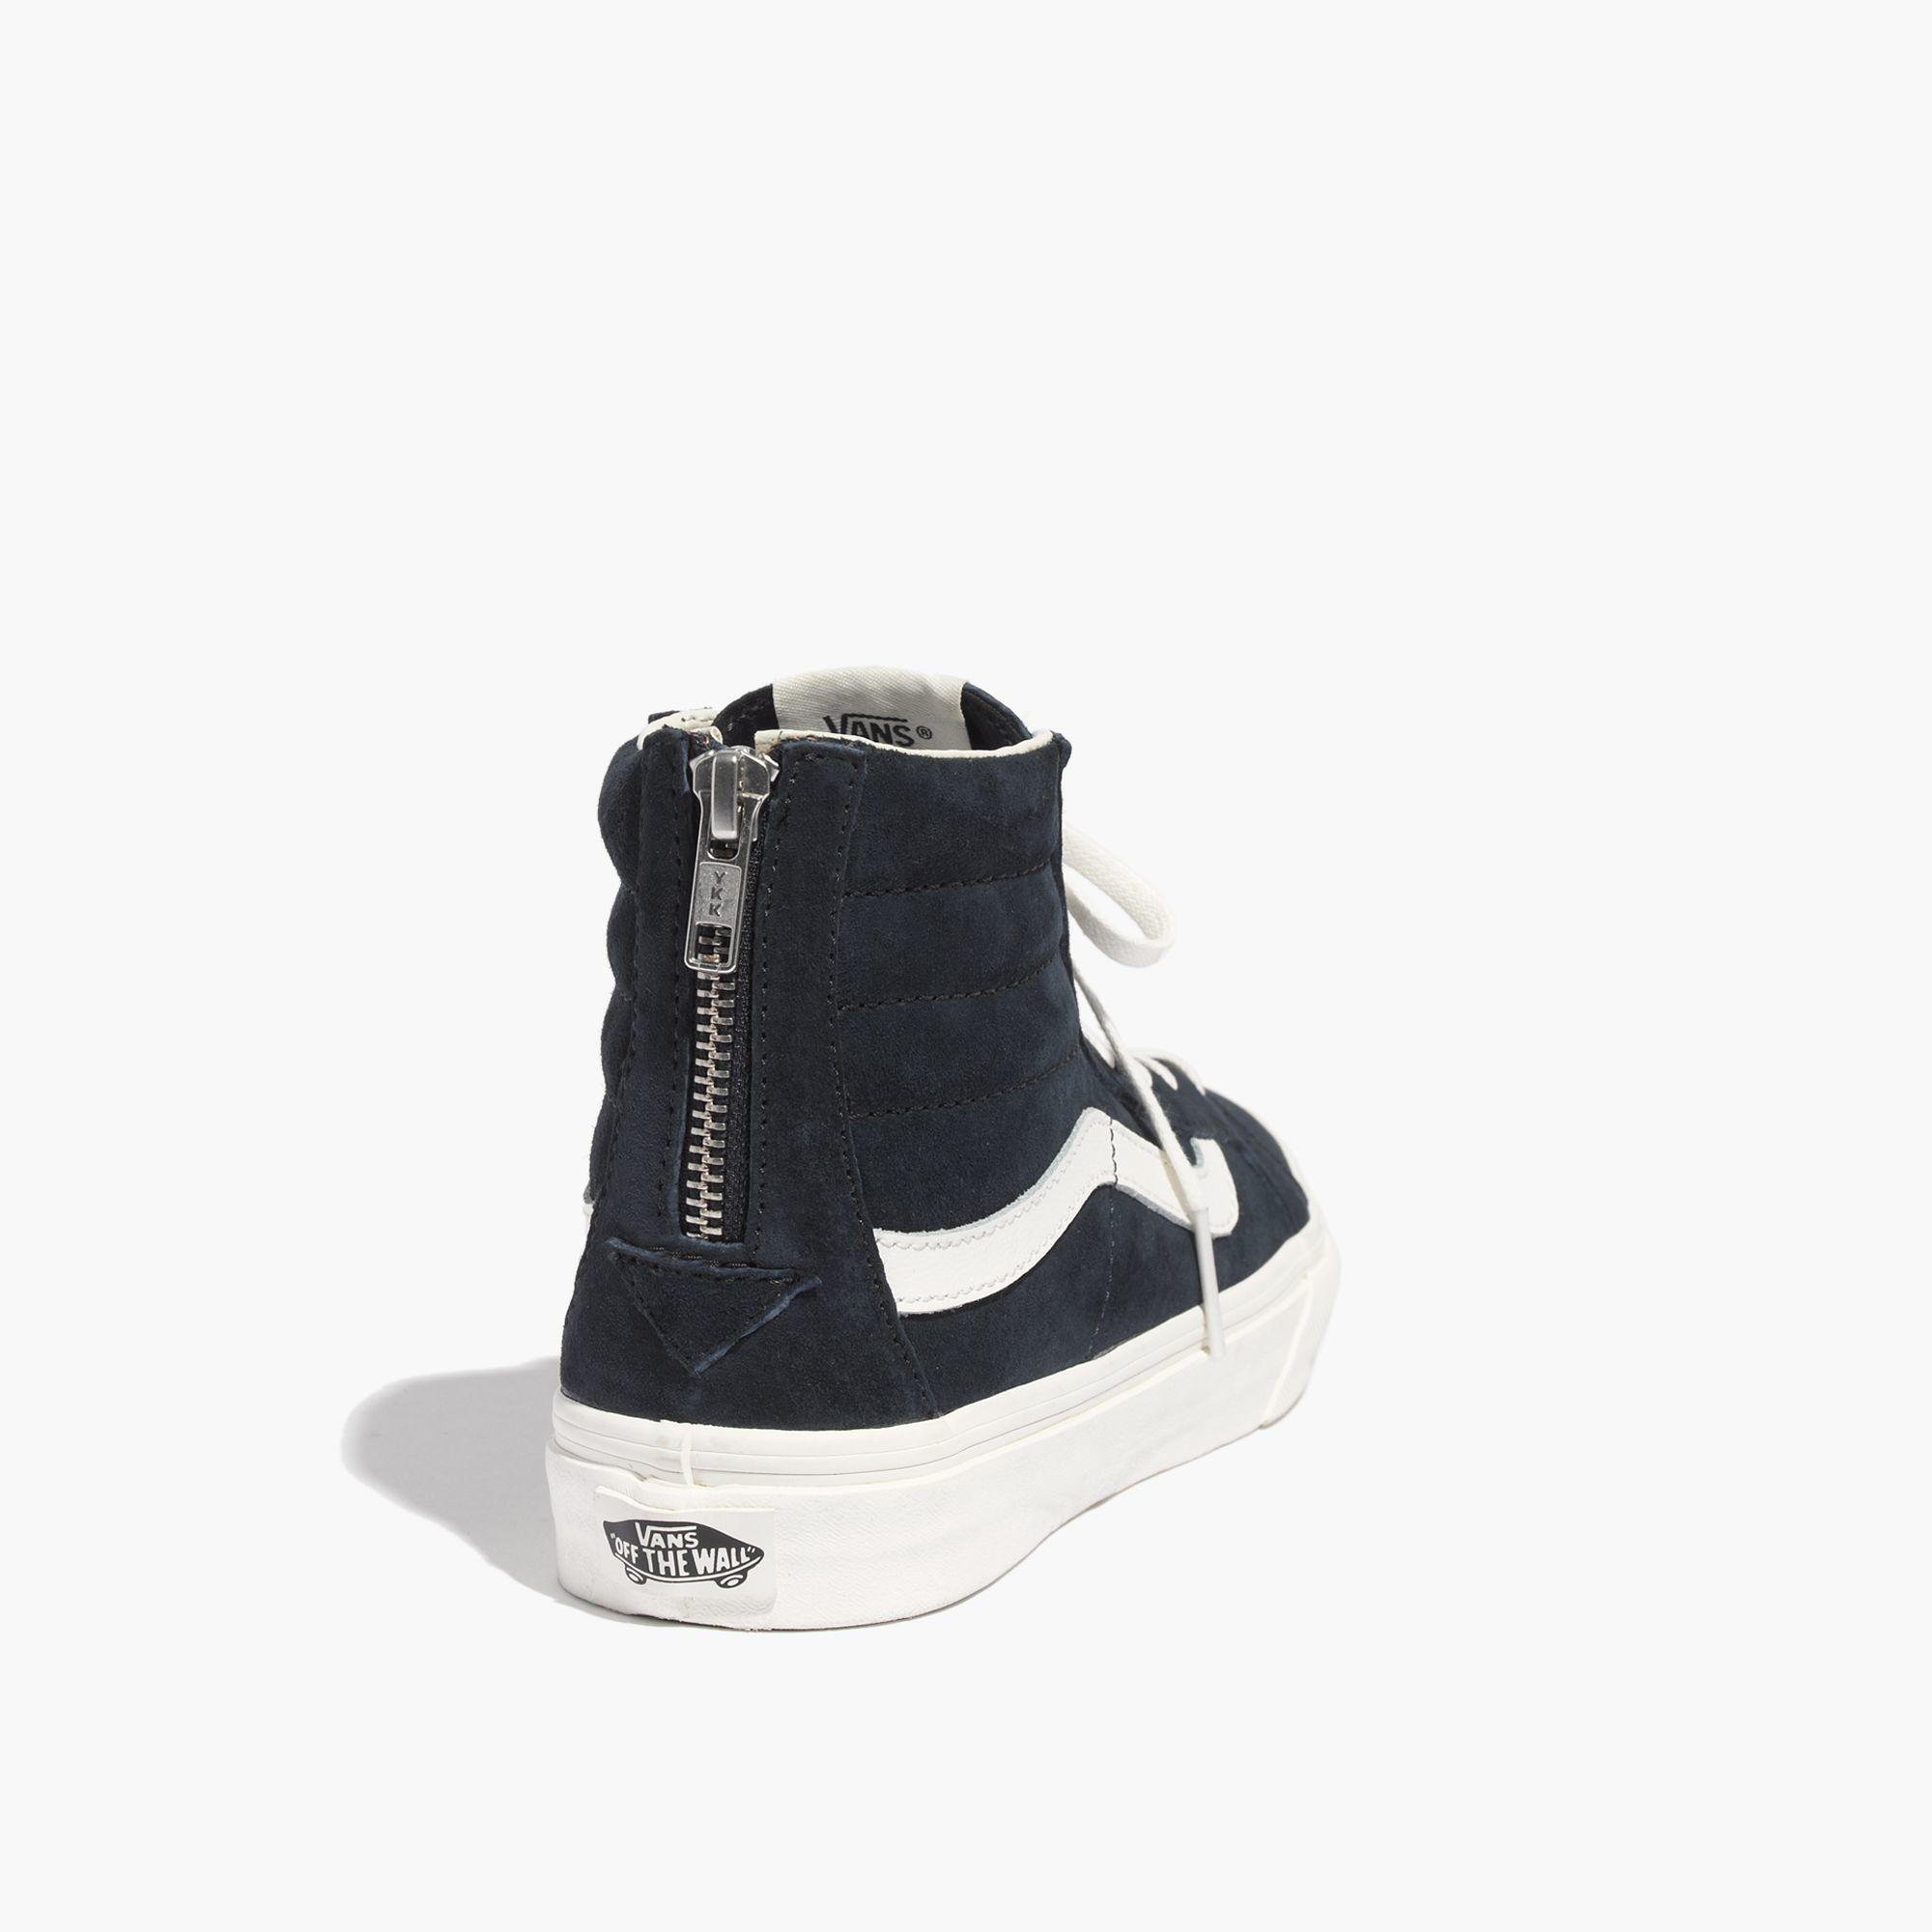 461eb50092 Madewell Vans® Sk8-Hi Slim Zip High-Top Sneakers In Navy Leather in ...